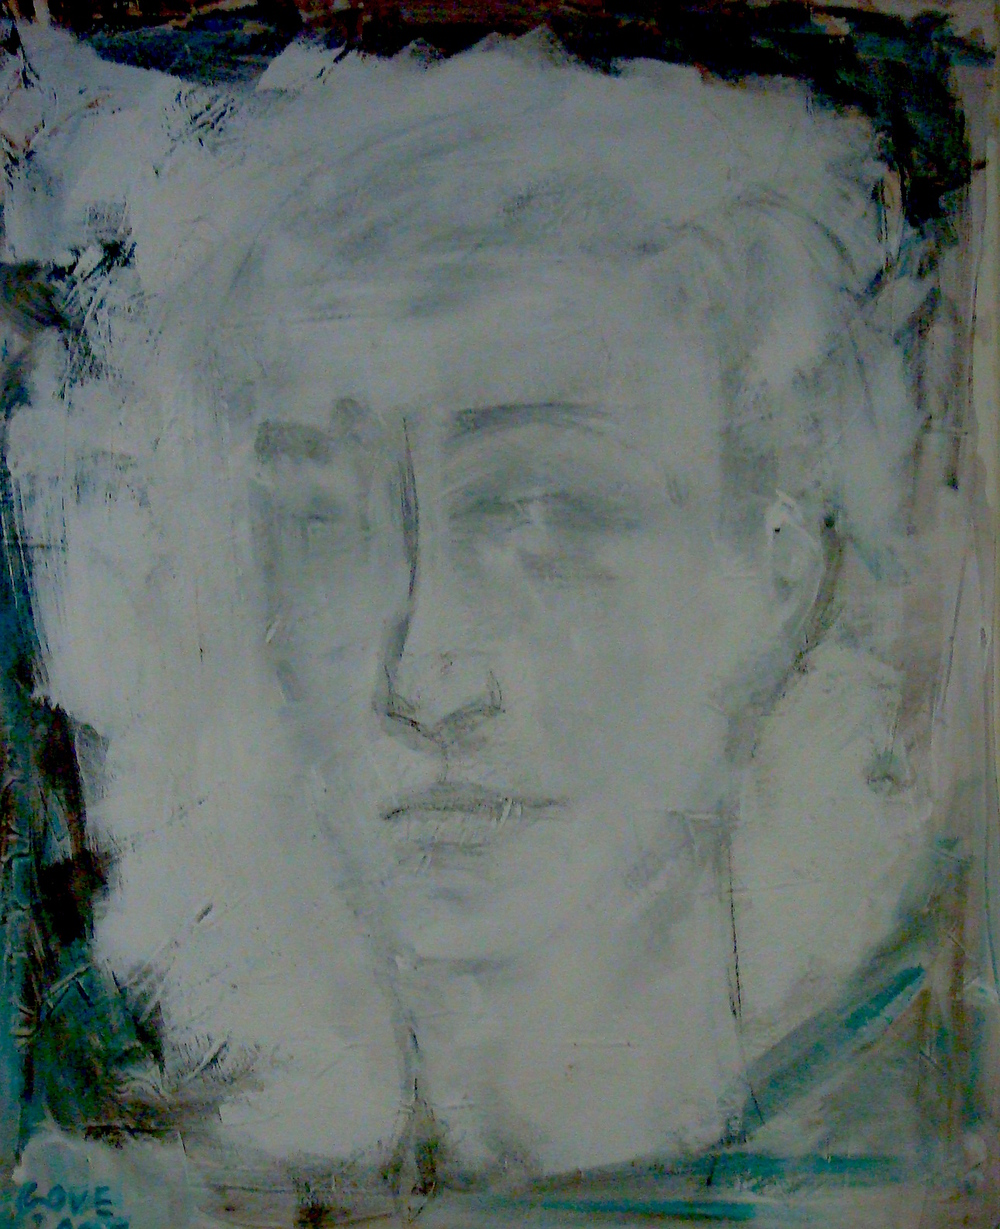 Título: Retrato    Materiales: Pintura